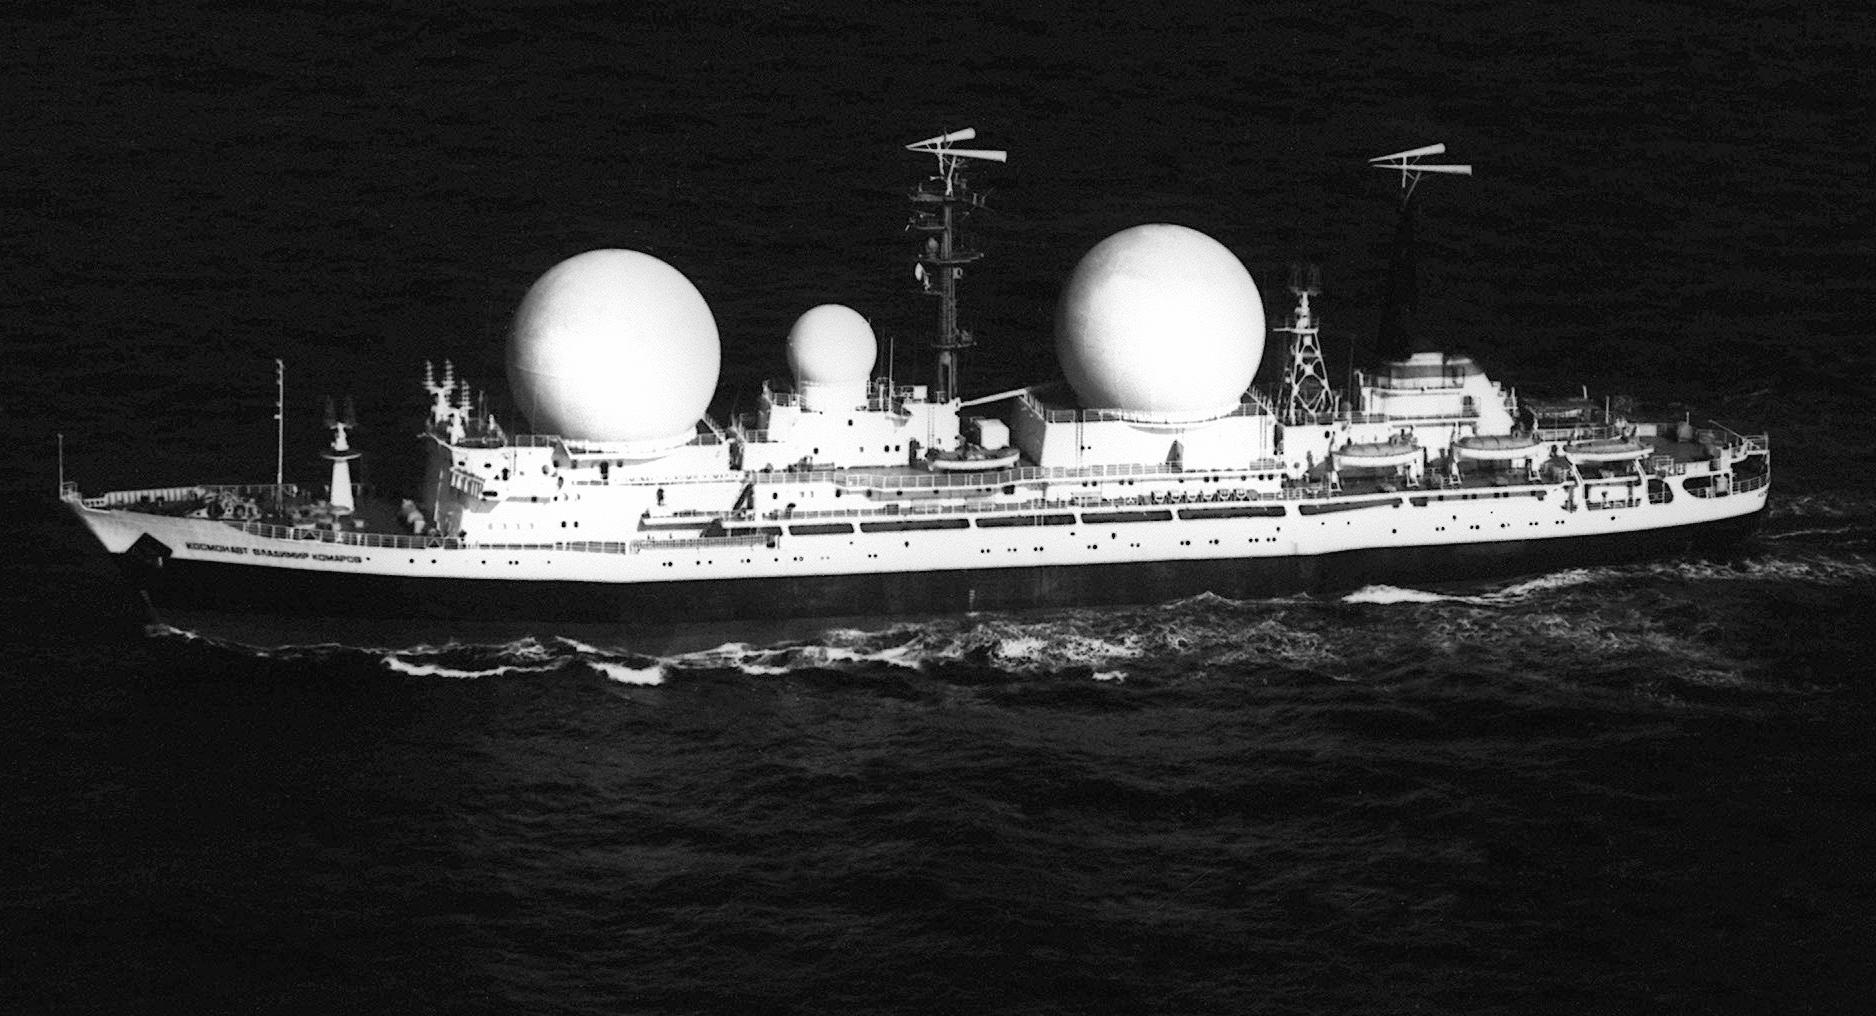 Space_control-monitoring_ship_%22Kosmonaut_Vladimir_Komarov%22_in_1989.png